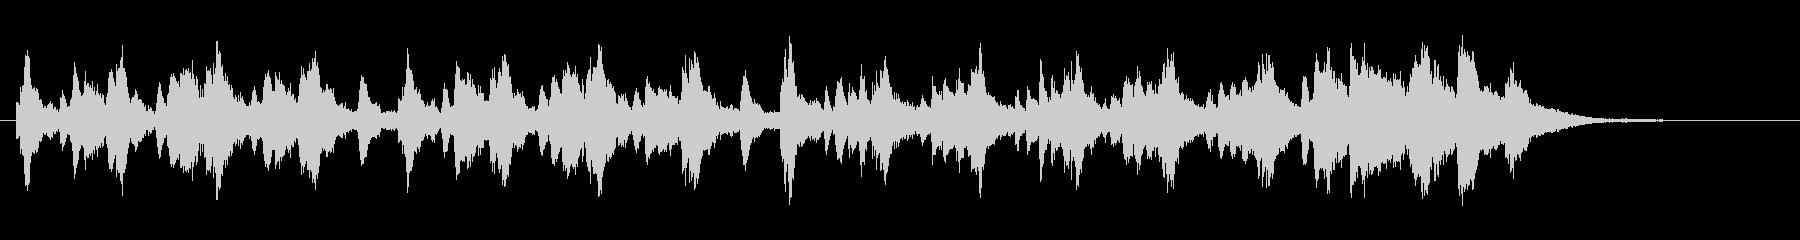 パガニーニの主題による変奏曲/ブラームスの未再生の波形